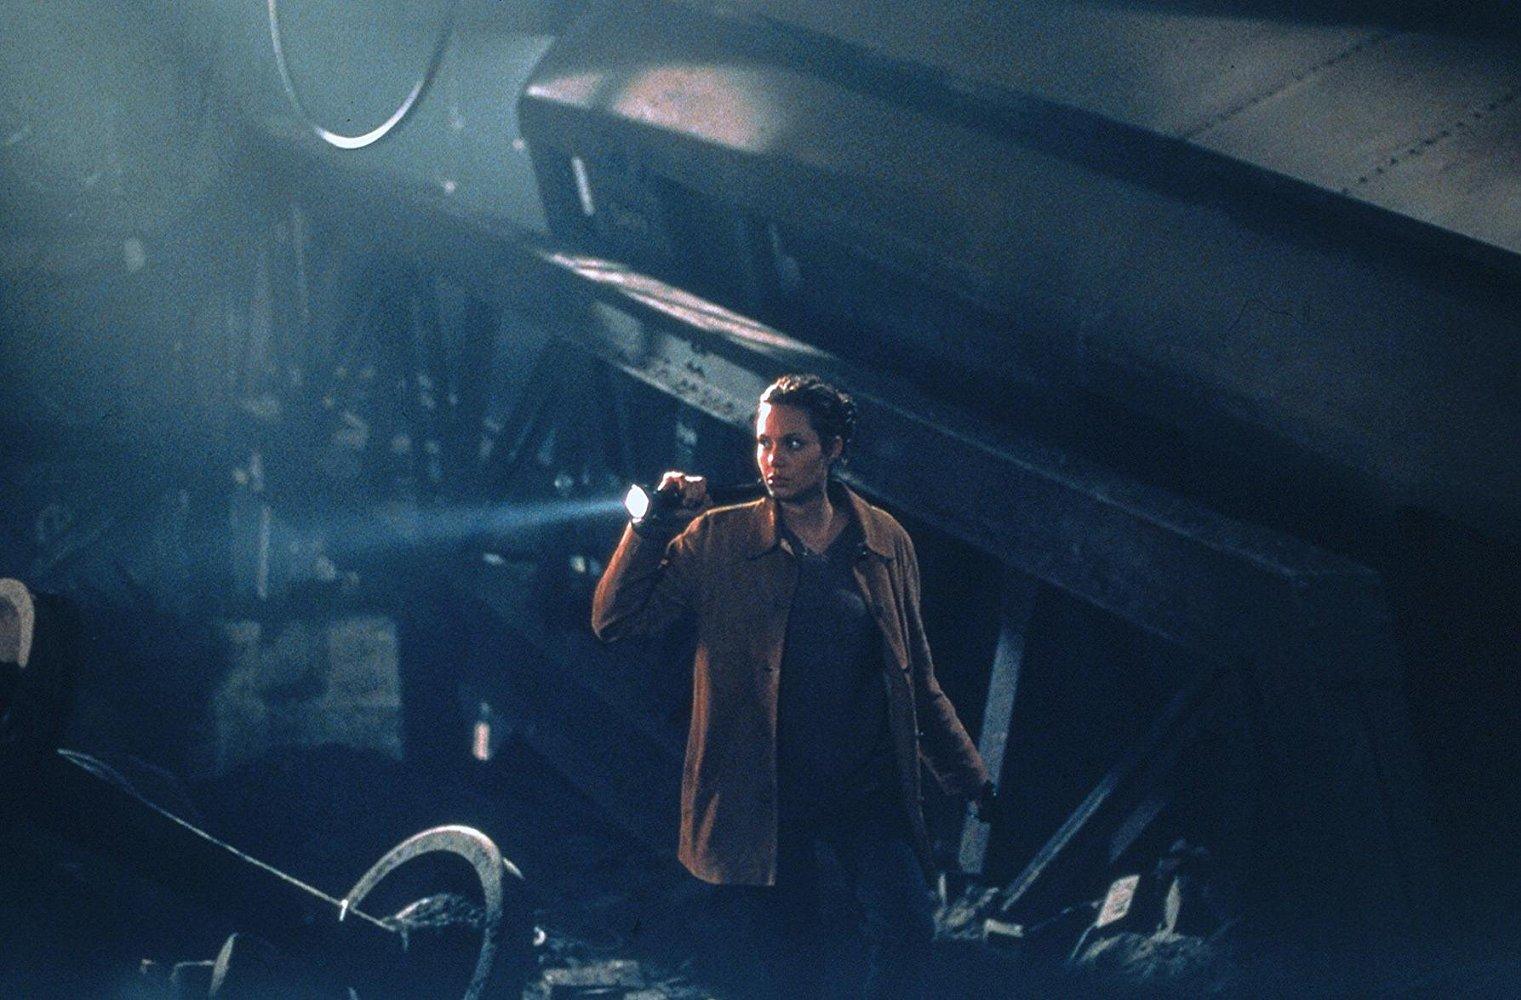 Bone Collector : la technique du réalisateur Phillip Noyce pour brouiller les pistes autour de l'identité du tueur dans le thriller.